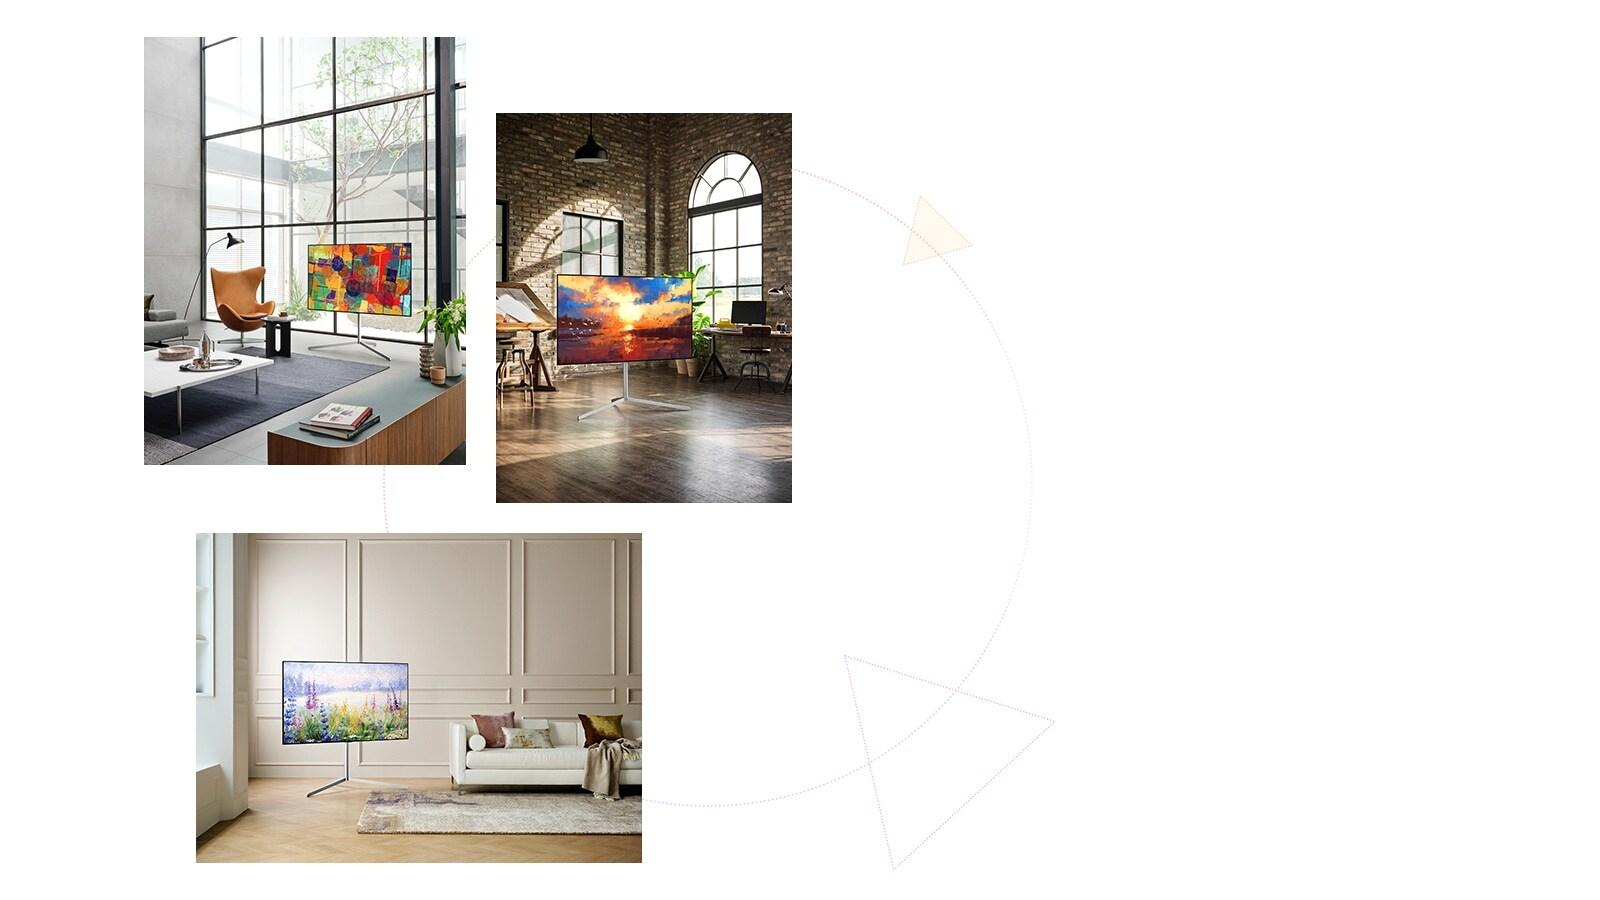 Trije televizorji Gallery Design s stojalom so prikazani kot umetniška dela, ki se prilegajo vsakemu ambientu